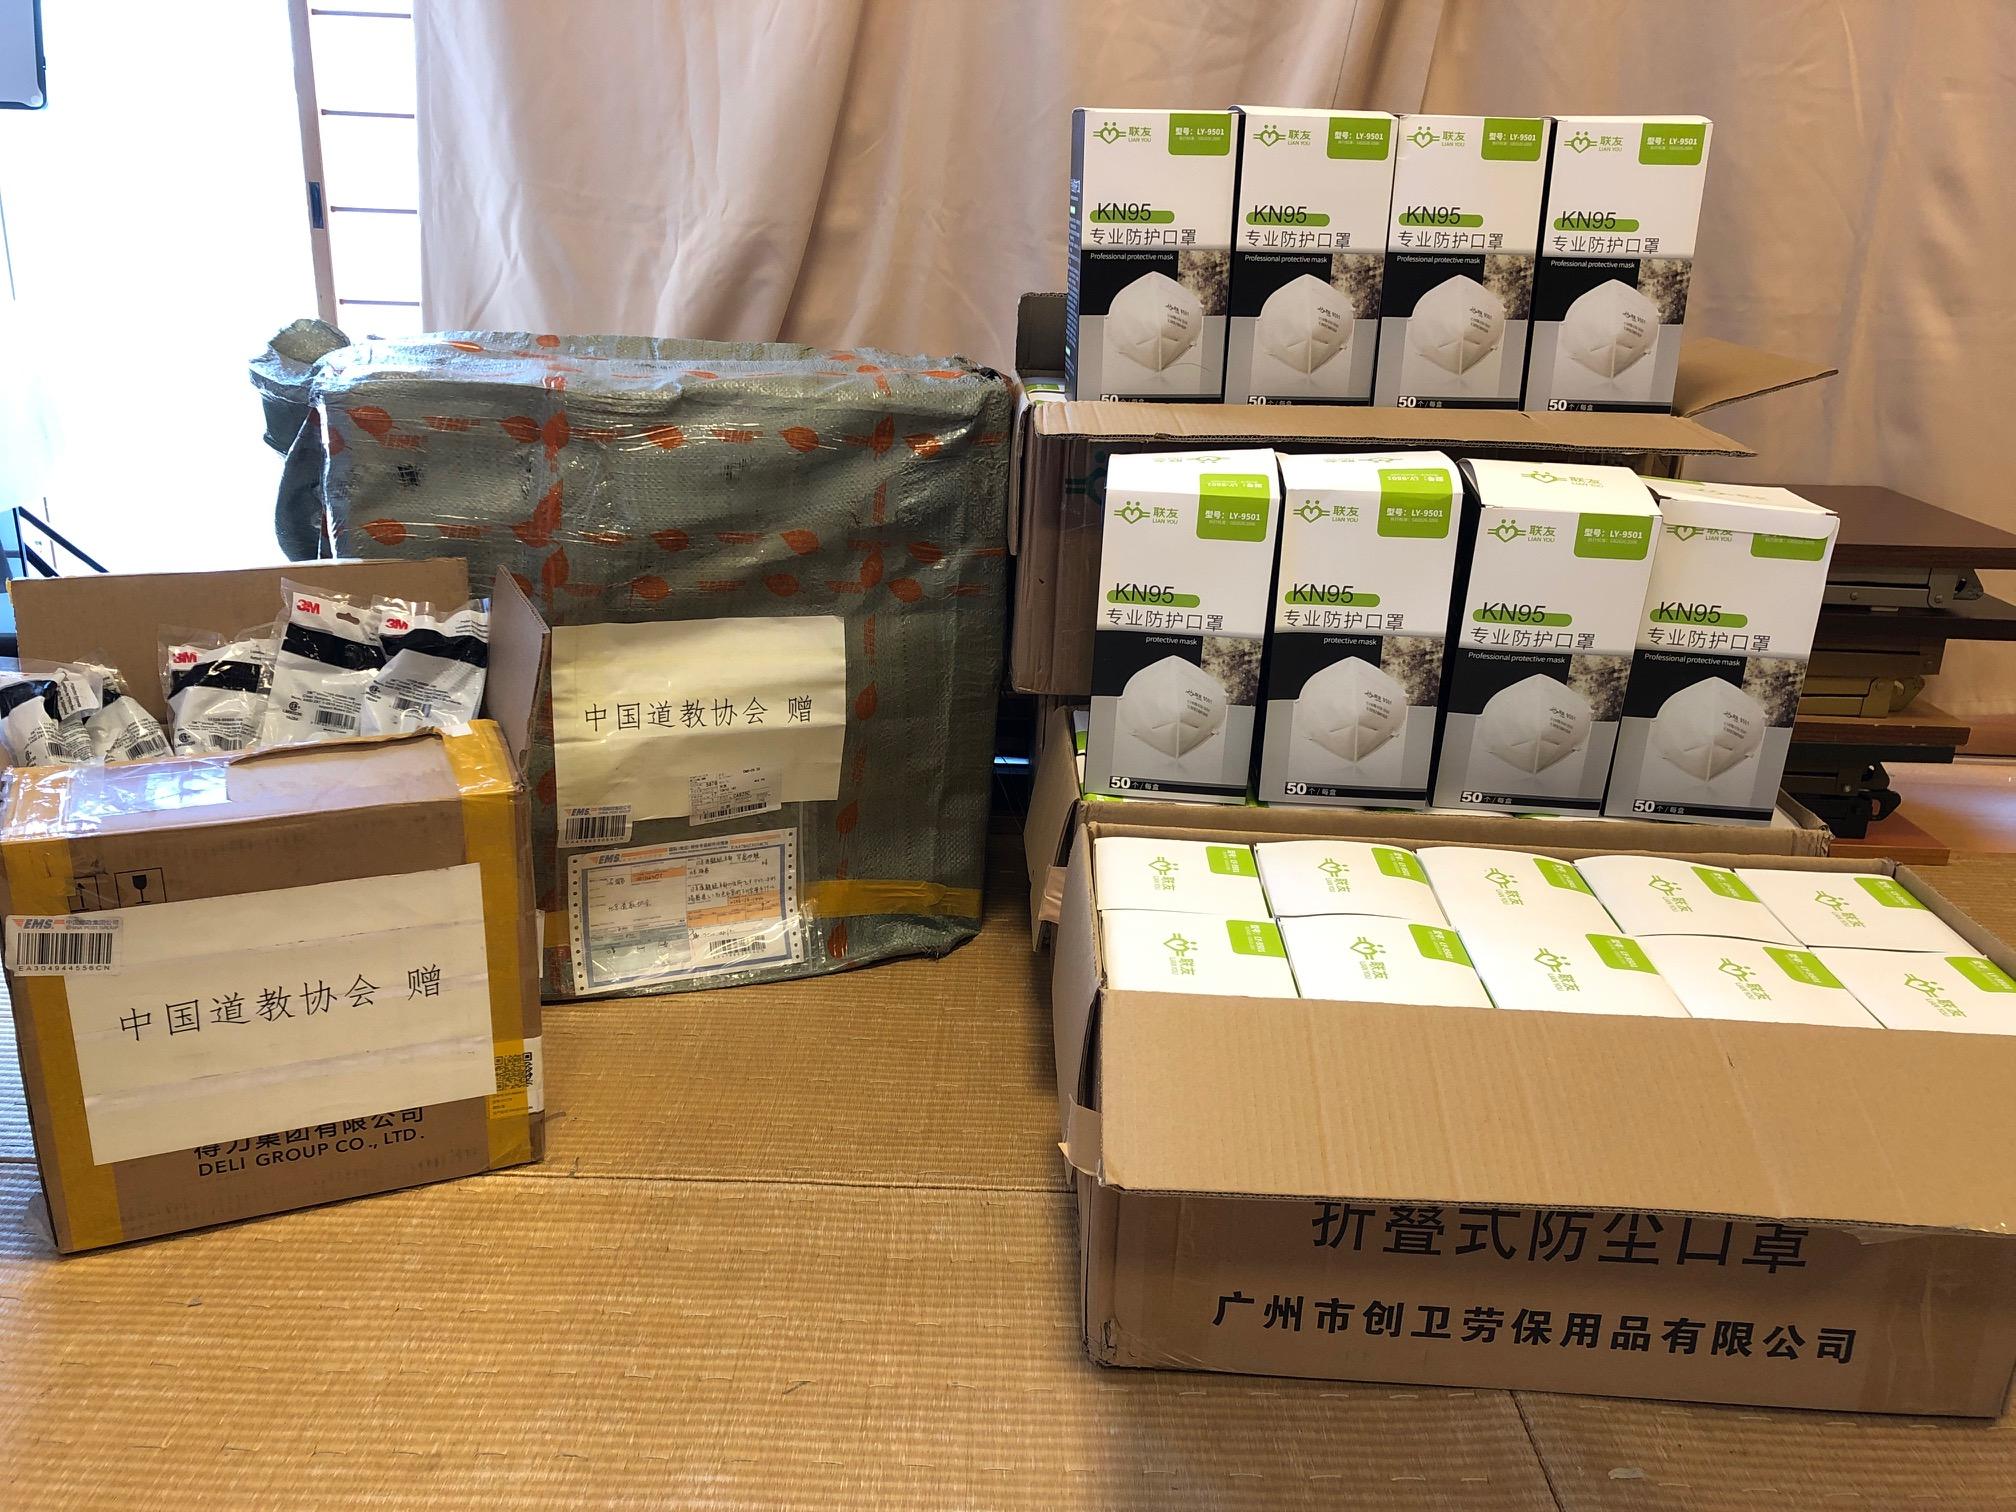 中国道教協会から医療マスク等の支援物資が届く